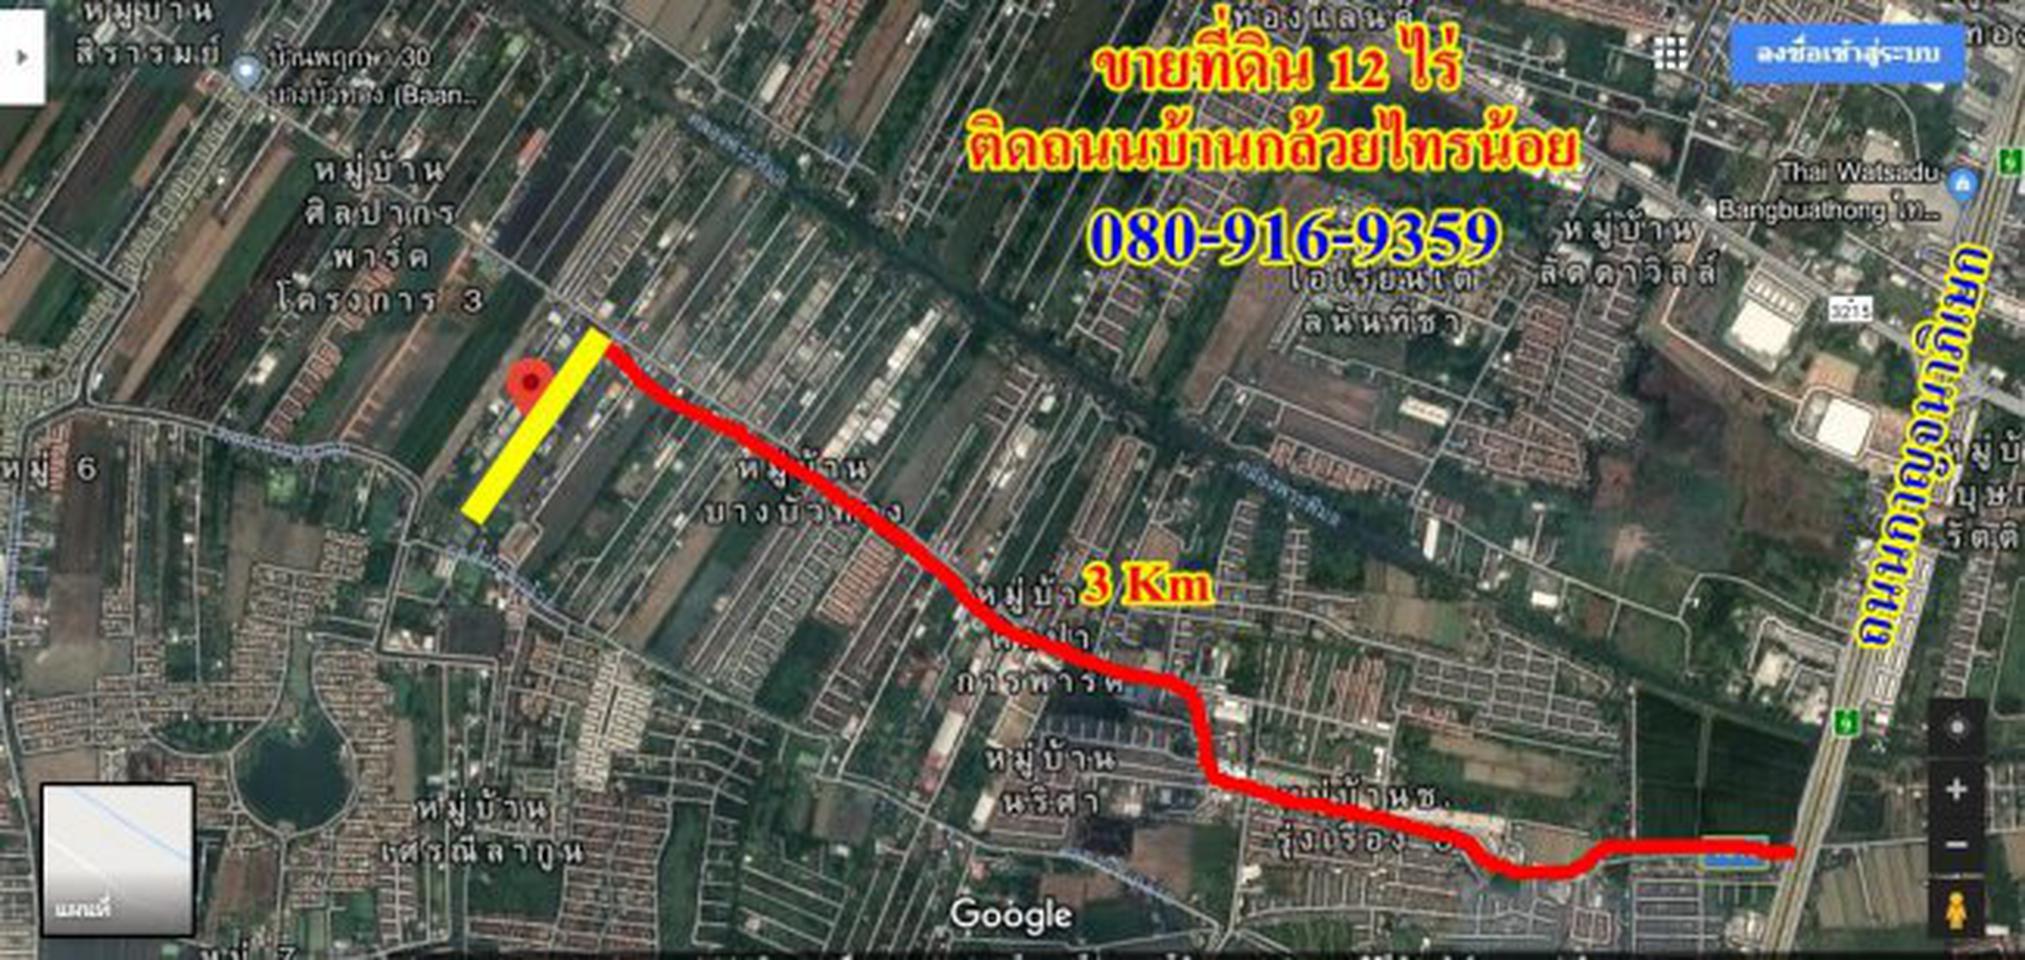 ขายที่ดินไทรน้อย 12 ไร่ เขตบางบัวทอง นนทบุรี ติดถนนบ้านกล้วย-ไทรน้อย เส้น 1013 อยู่ในเขตพื้นที่สีเหลือง เห รูปที่ 1